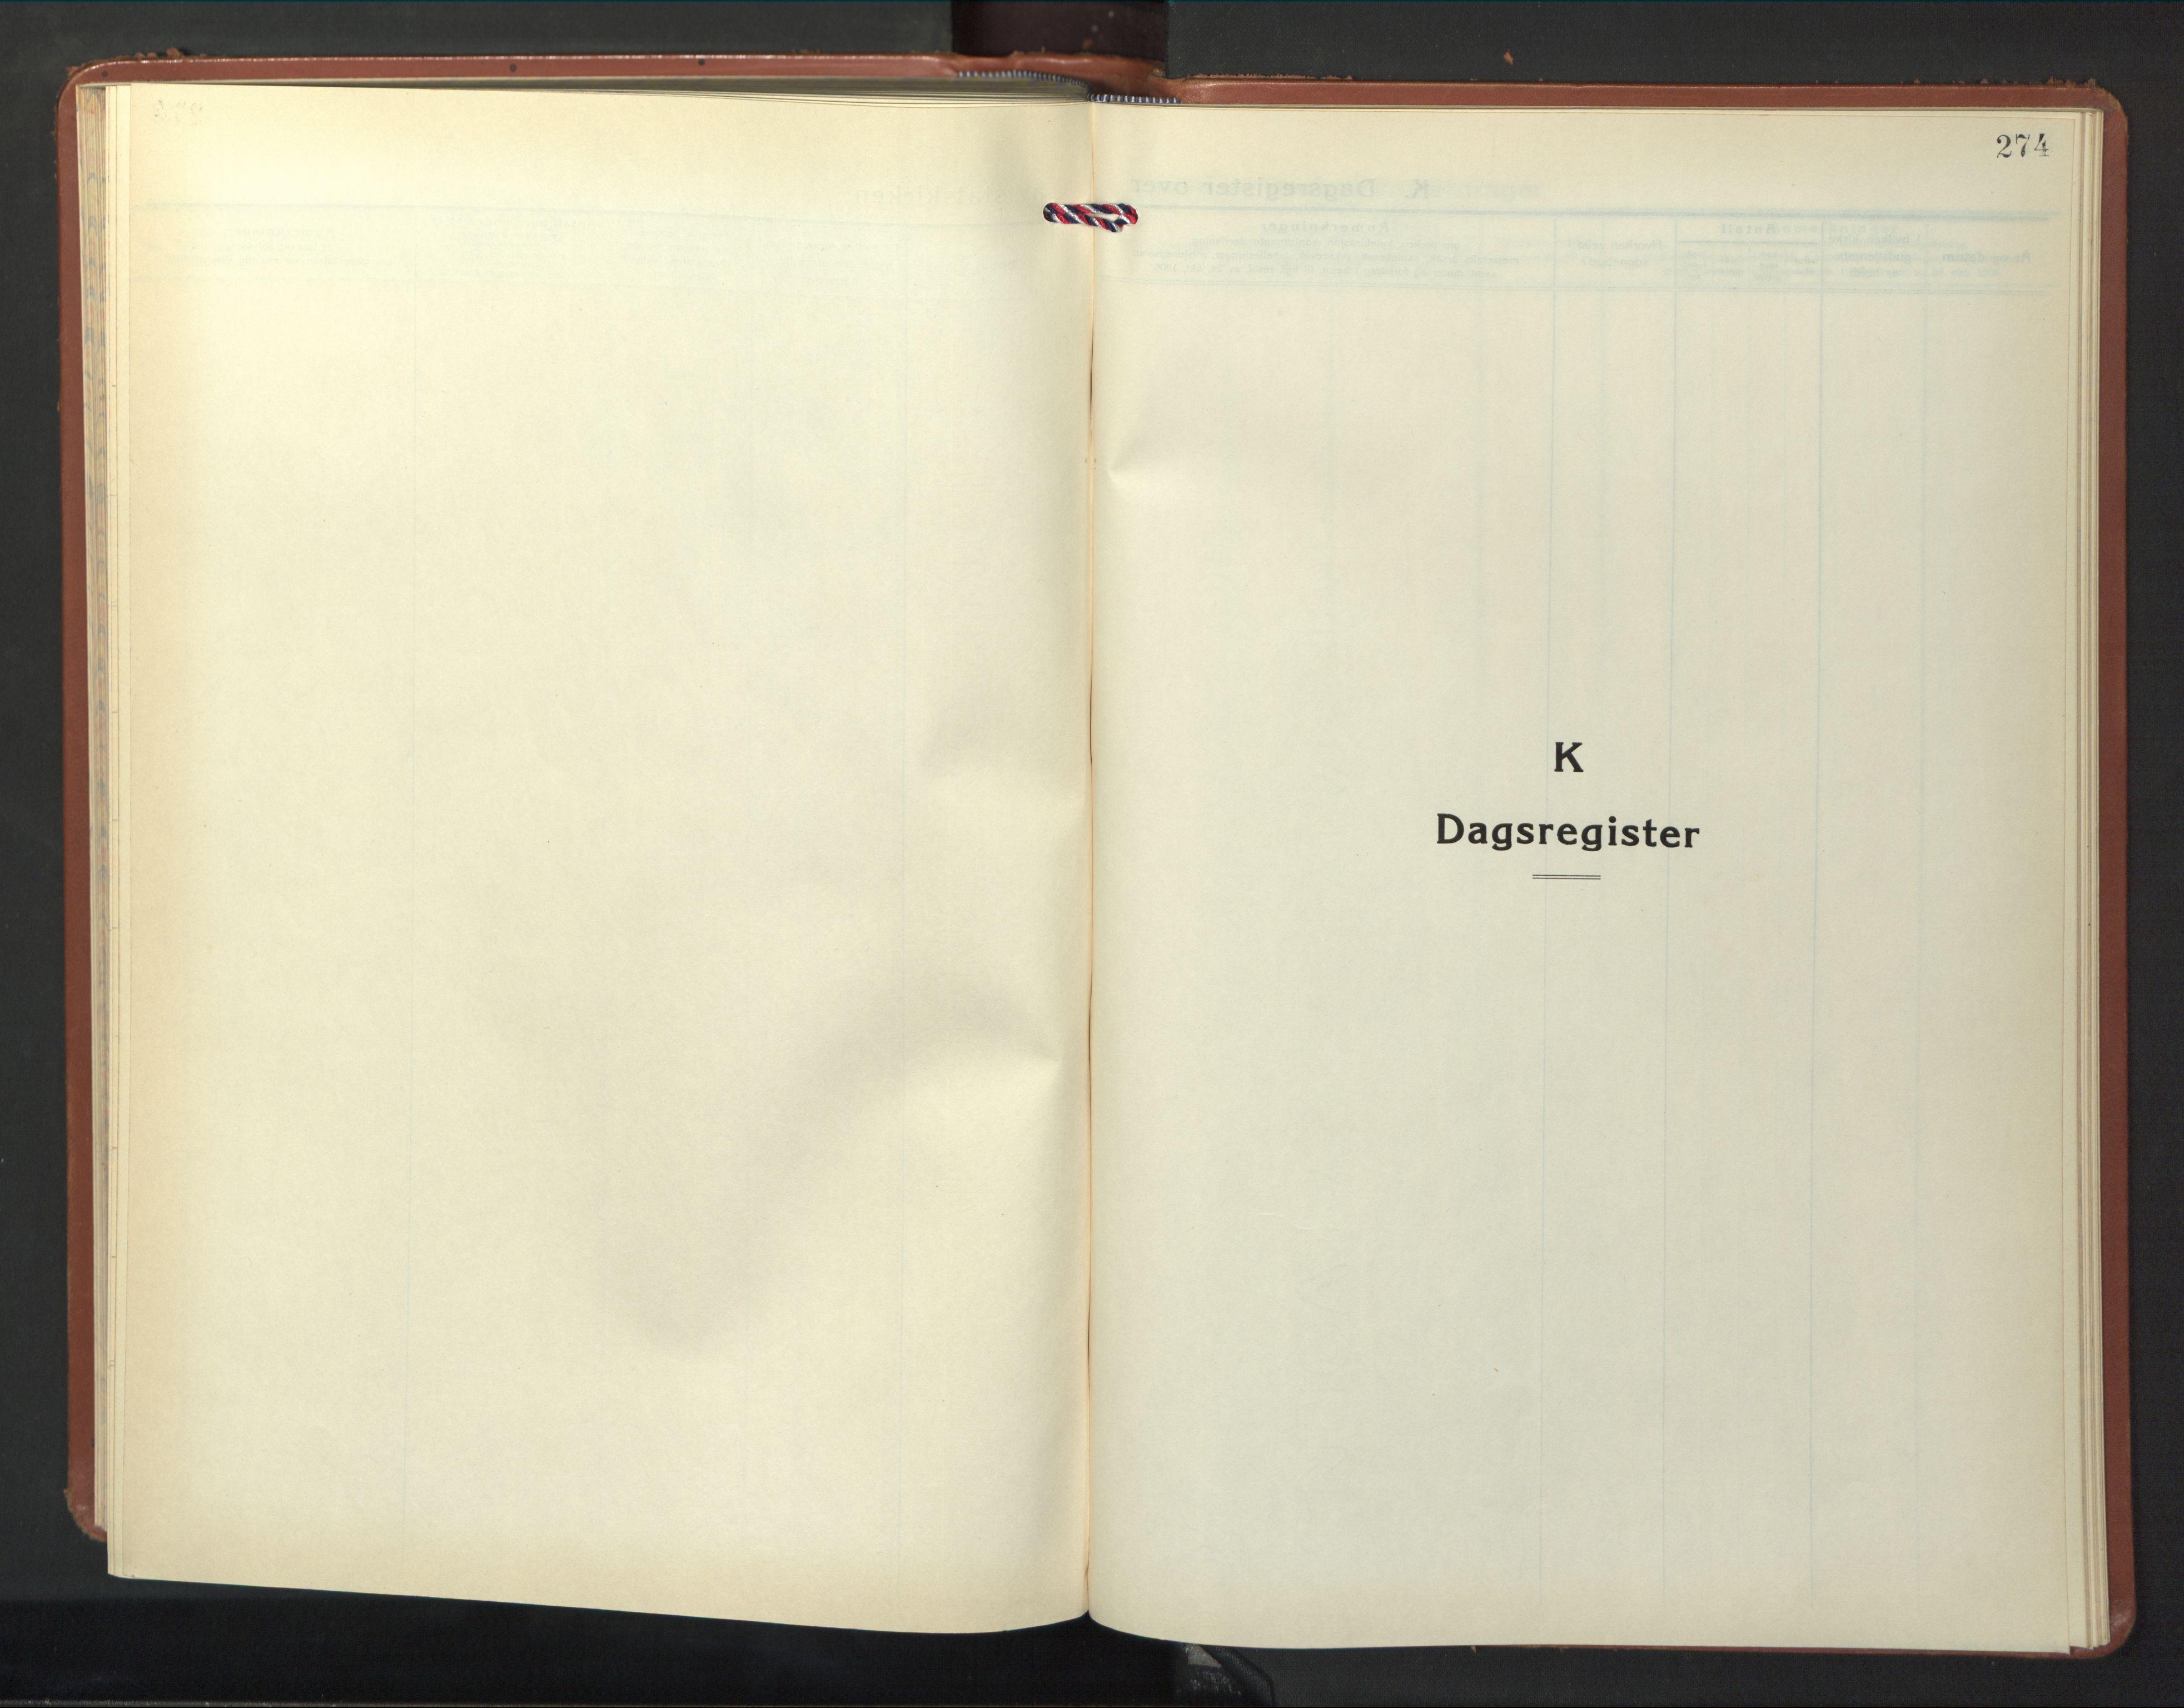 SAT, Ministerialprotokoller, klokkerbøker og fødselsregistre - Nord-Trøndelag, 774/L0631: Klokkerbok nr. 774C02, 1934-1950, s. 274